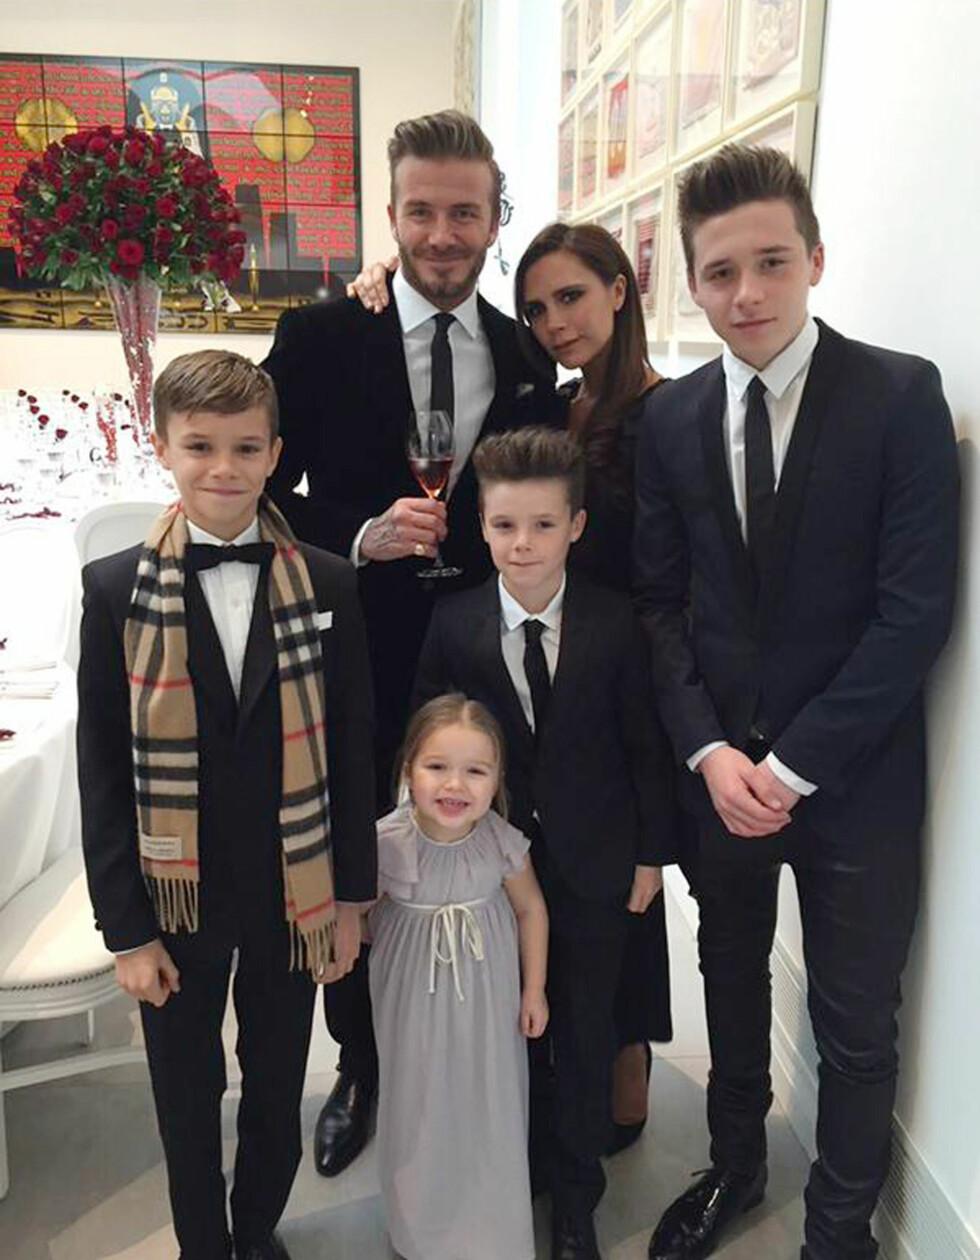 <strong>FIN FAMILIE:</strong> David Beckham og Victoria Beckham har i motsetning til veldig mange andre par trosset tunge perioder i ekteskapet, og er mer lykkelig enn noen gang. Her med barna Brooklyn (16), Romeo (13), Cruz (11) og Harper (4). Foto: NTB Scanpix